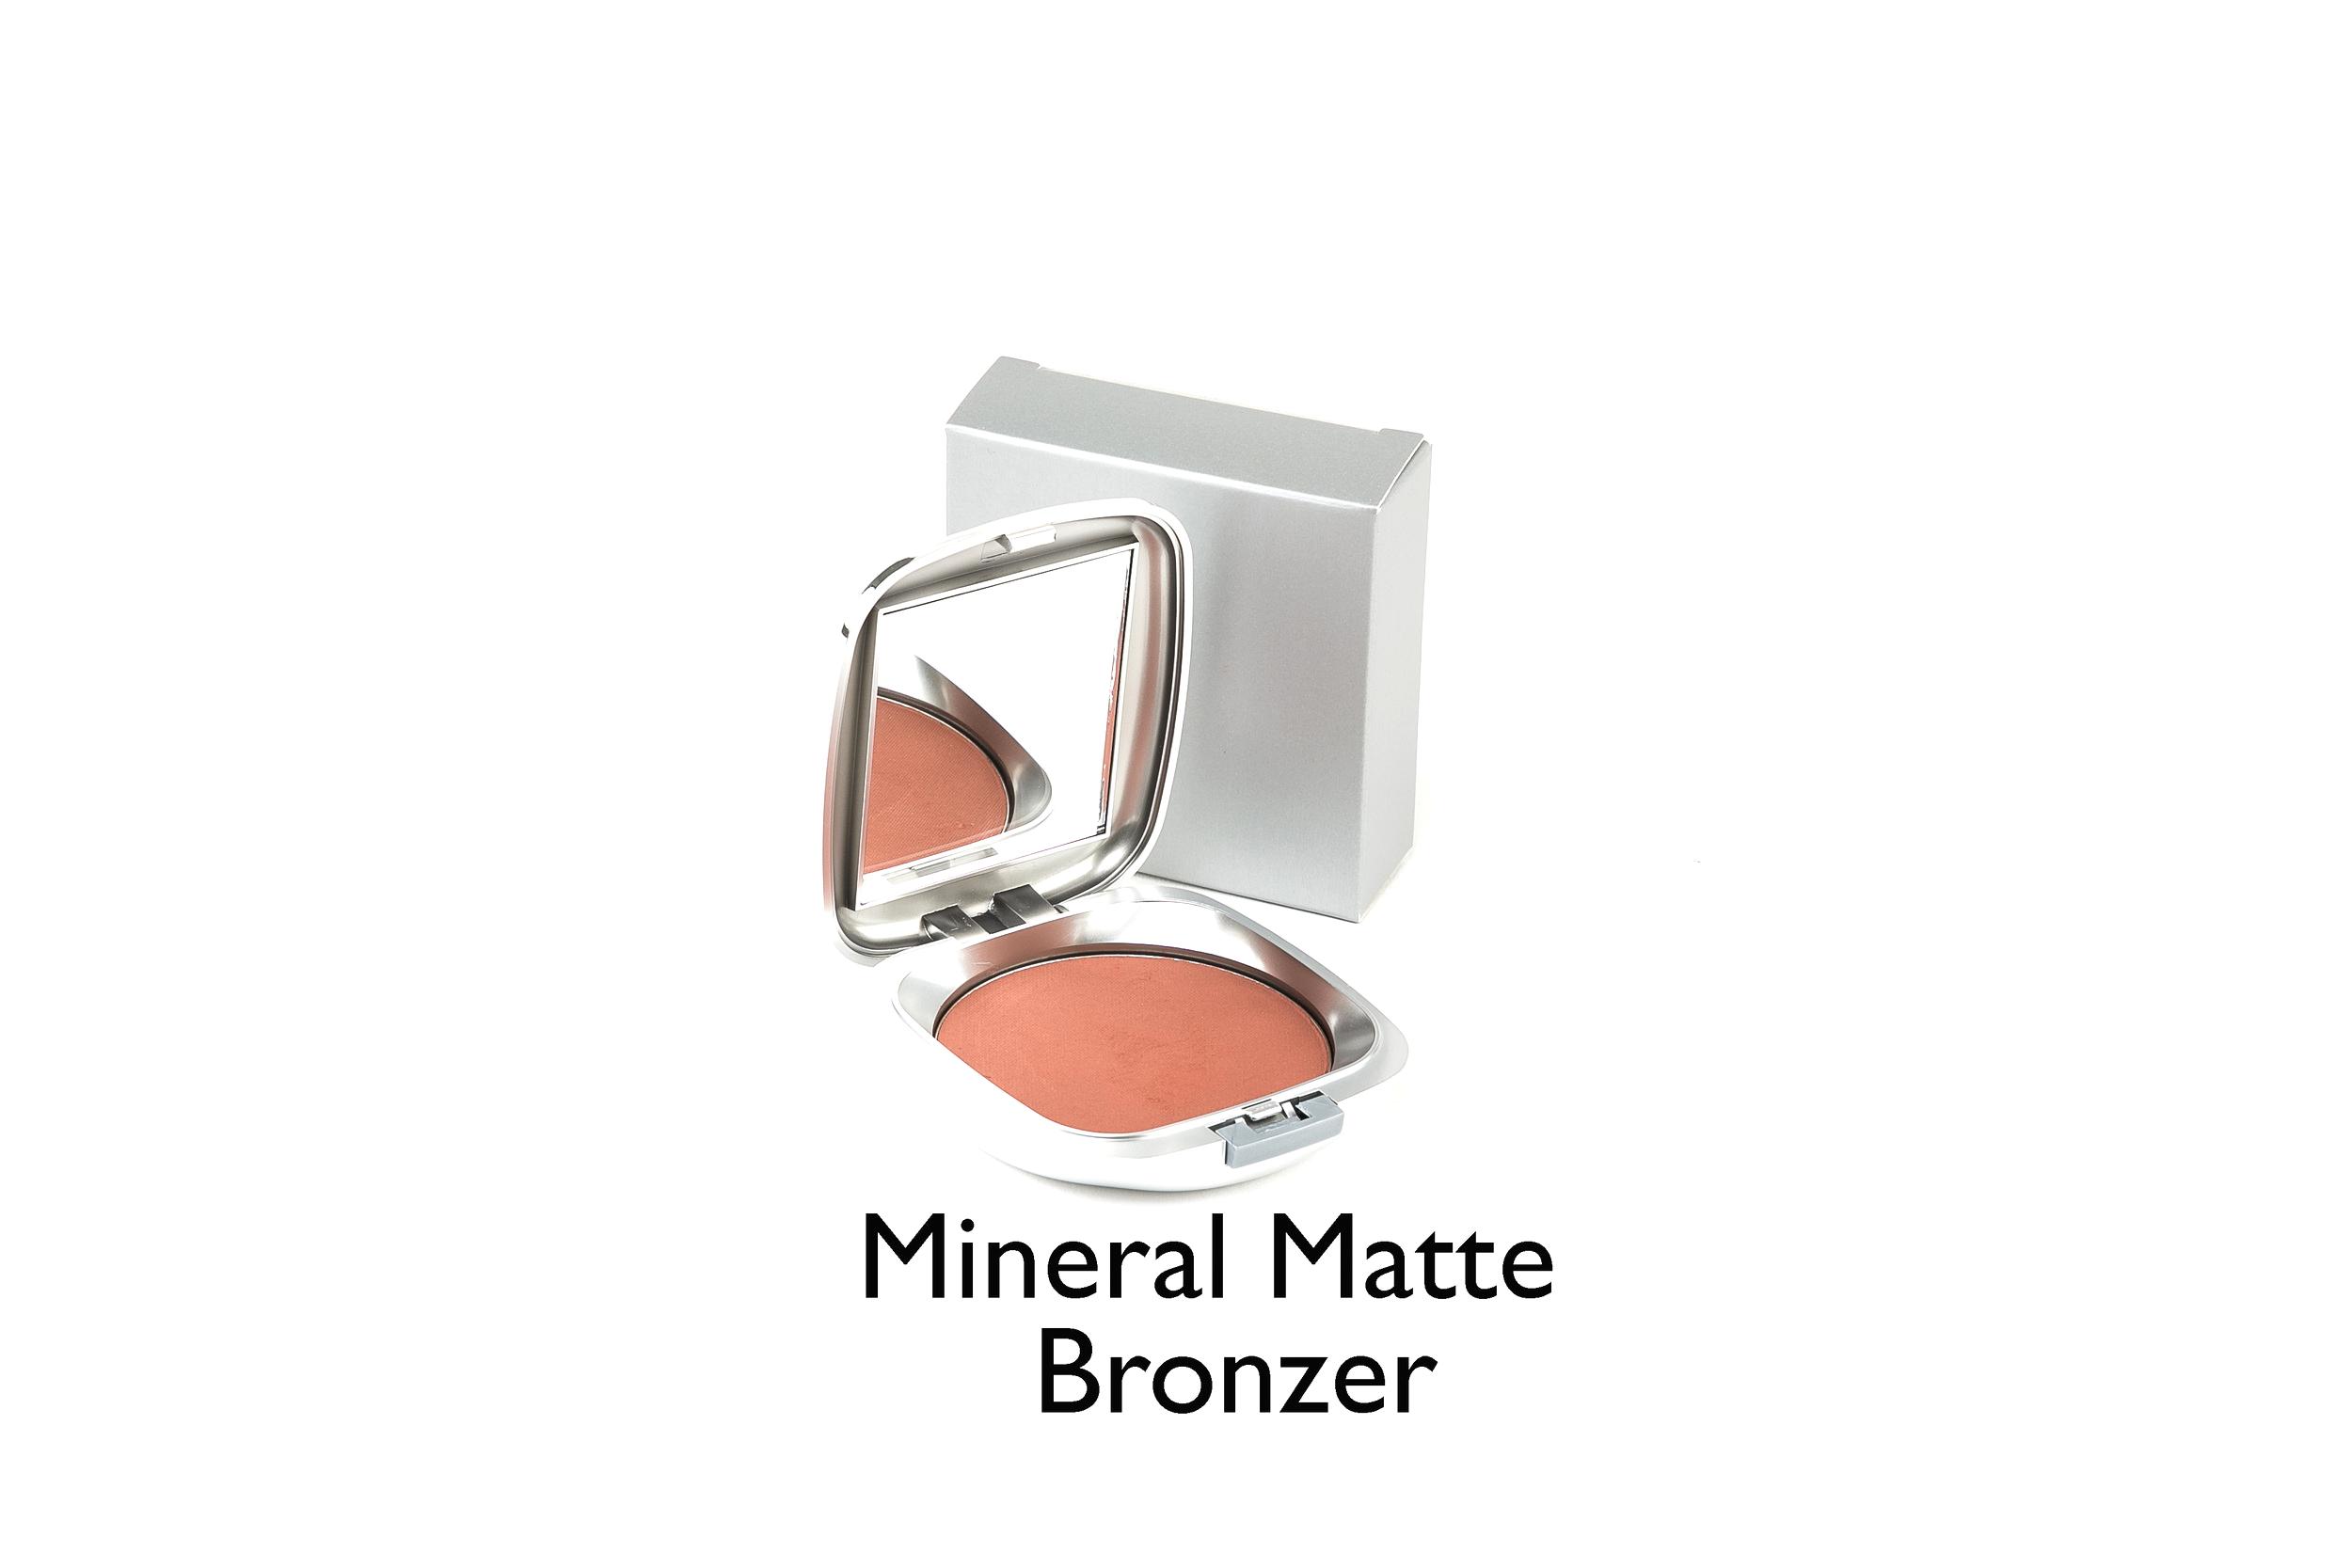 Mineral Matte Bronzer